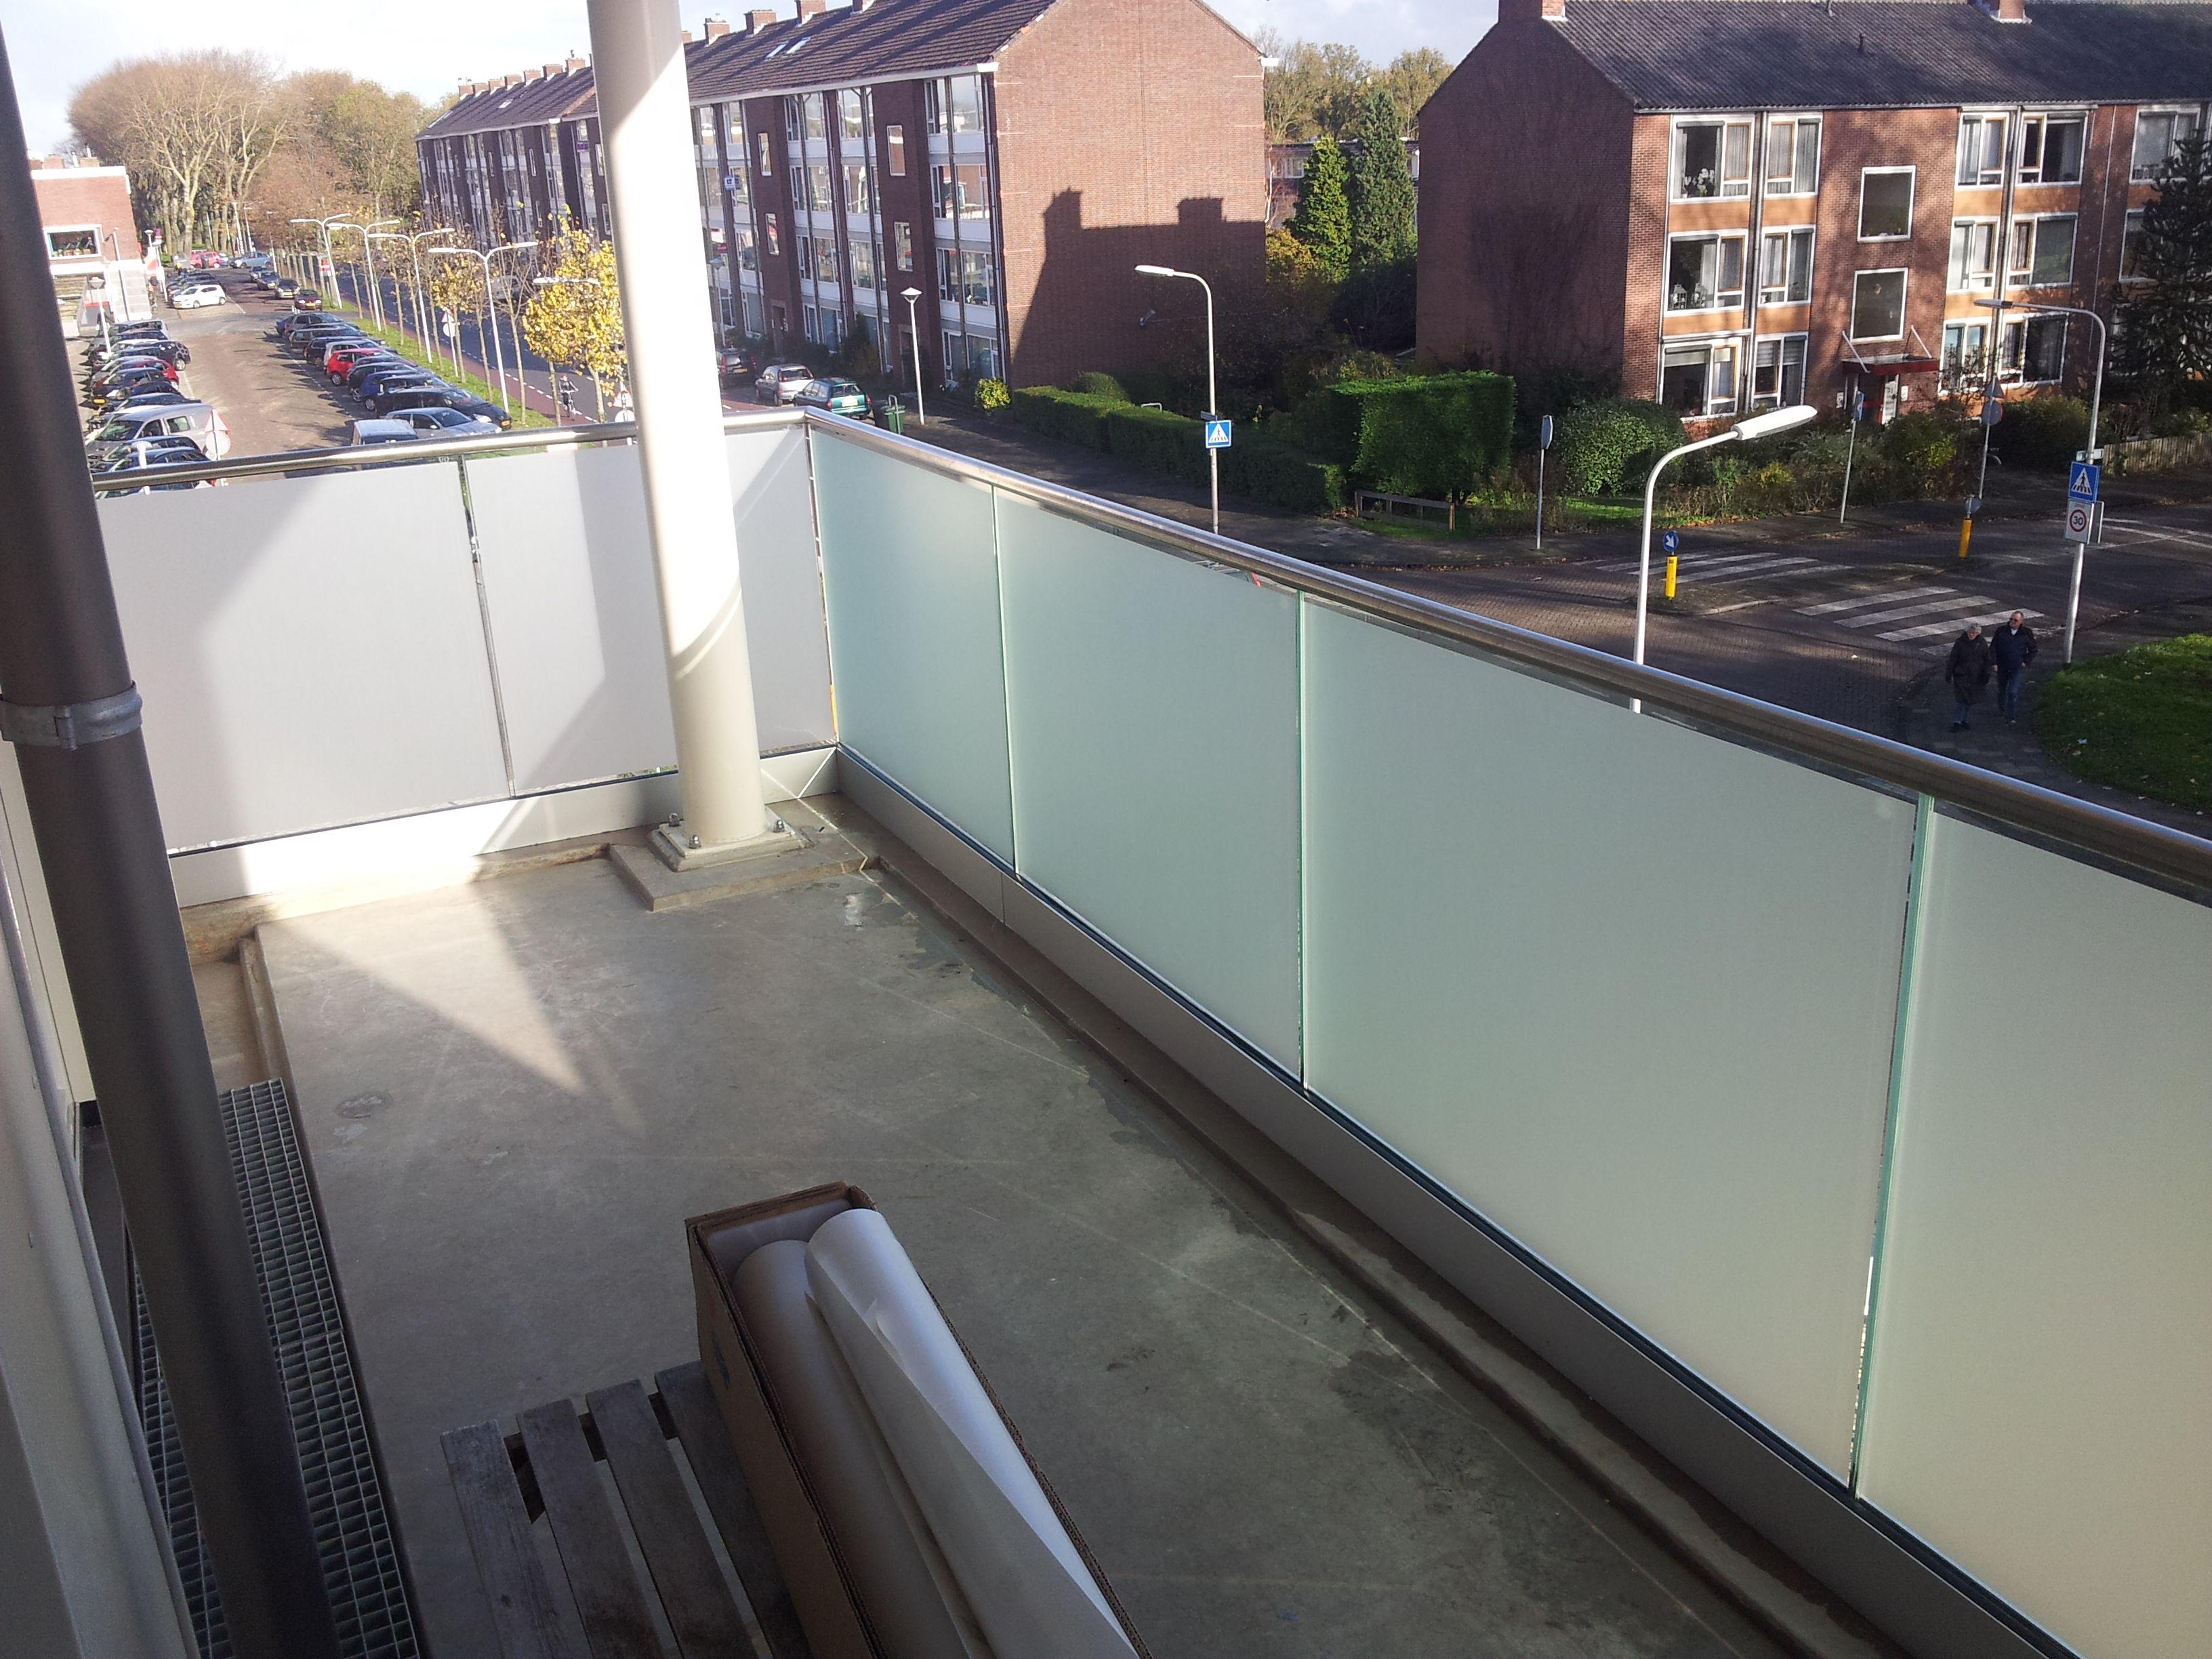 Simpel Balkon Ontwerp : Privacy op je balkon. dusted glass raamfolie gad de oplossing